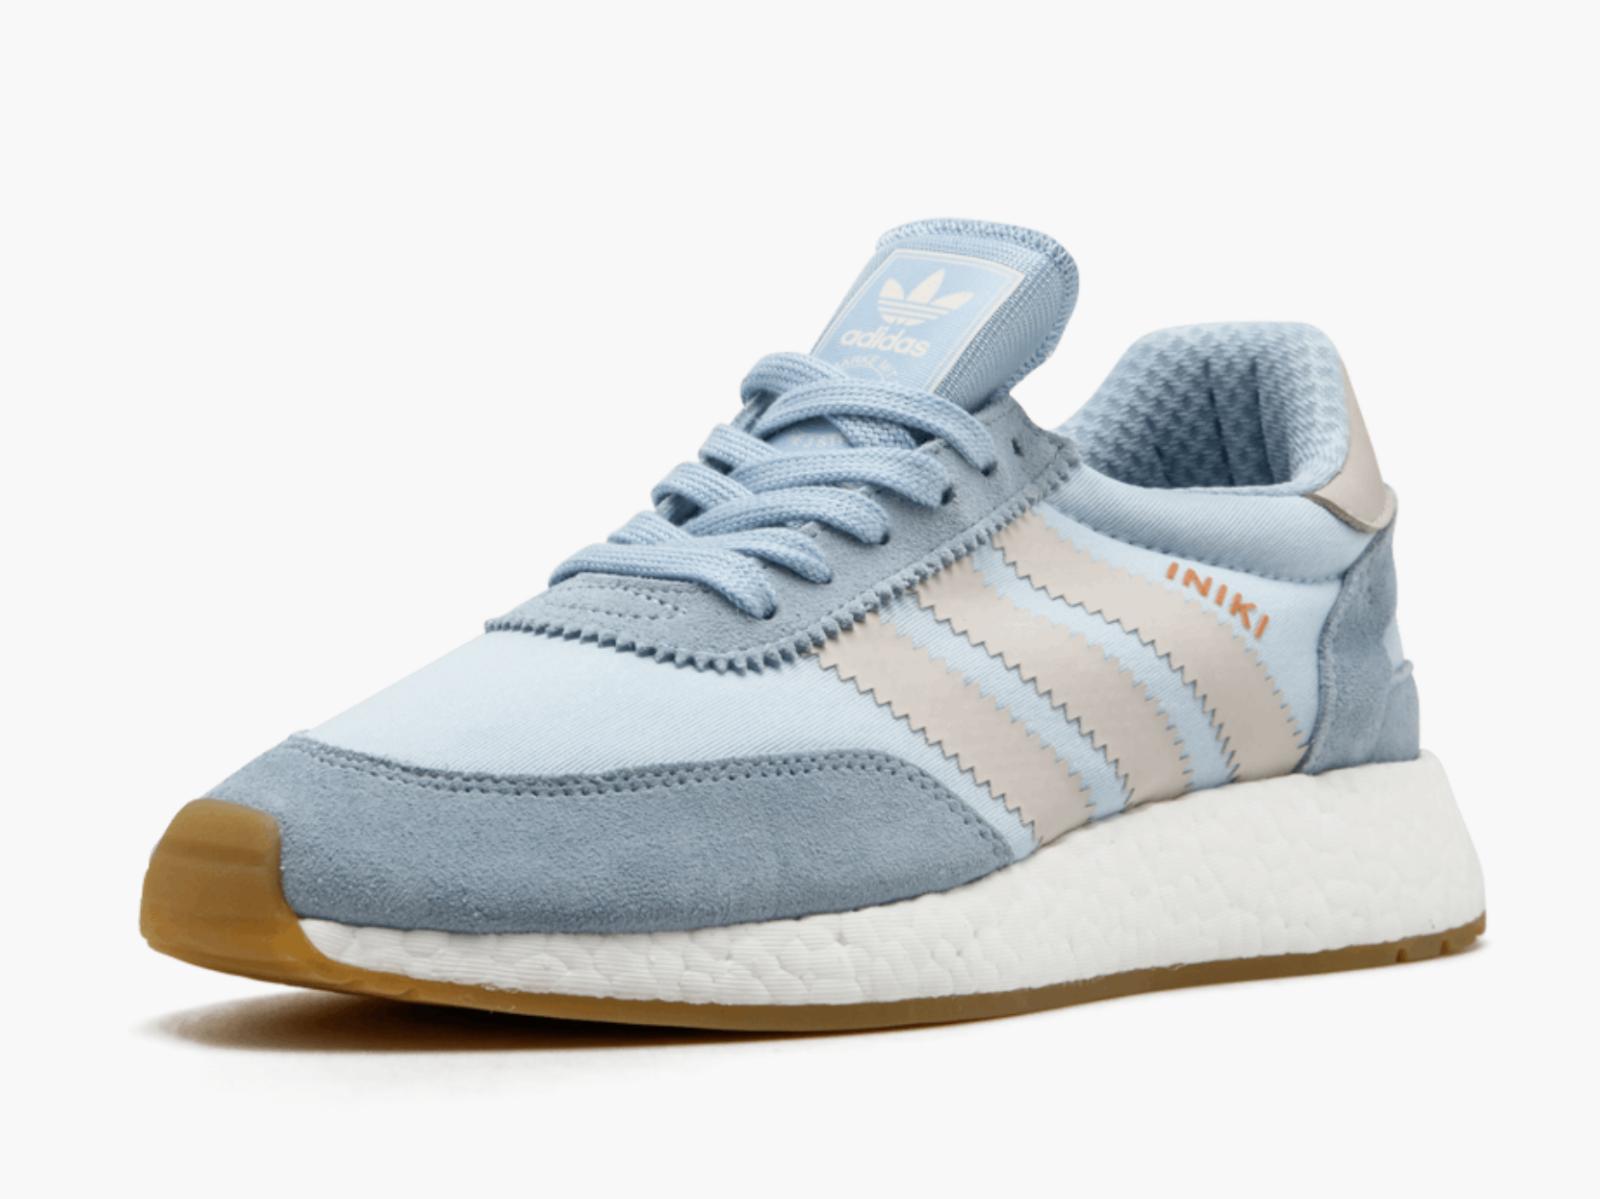 adidas Originals Iniki Runner Boost Mens UK 7 Blau Running schuhe Trainers BB2099